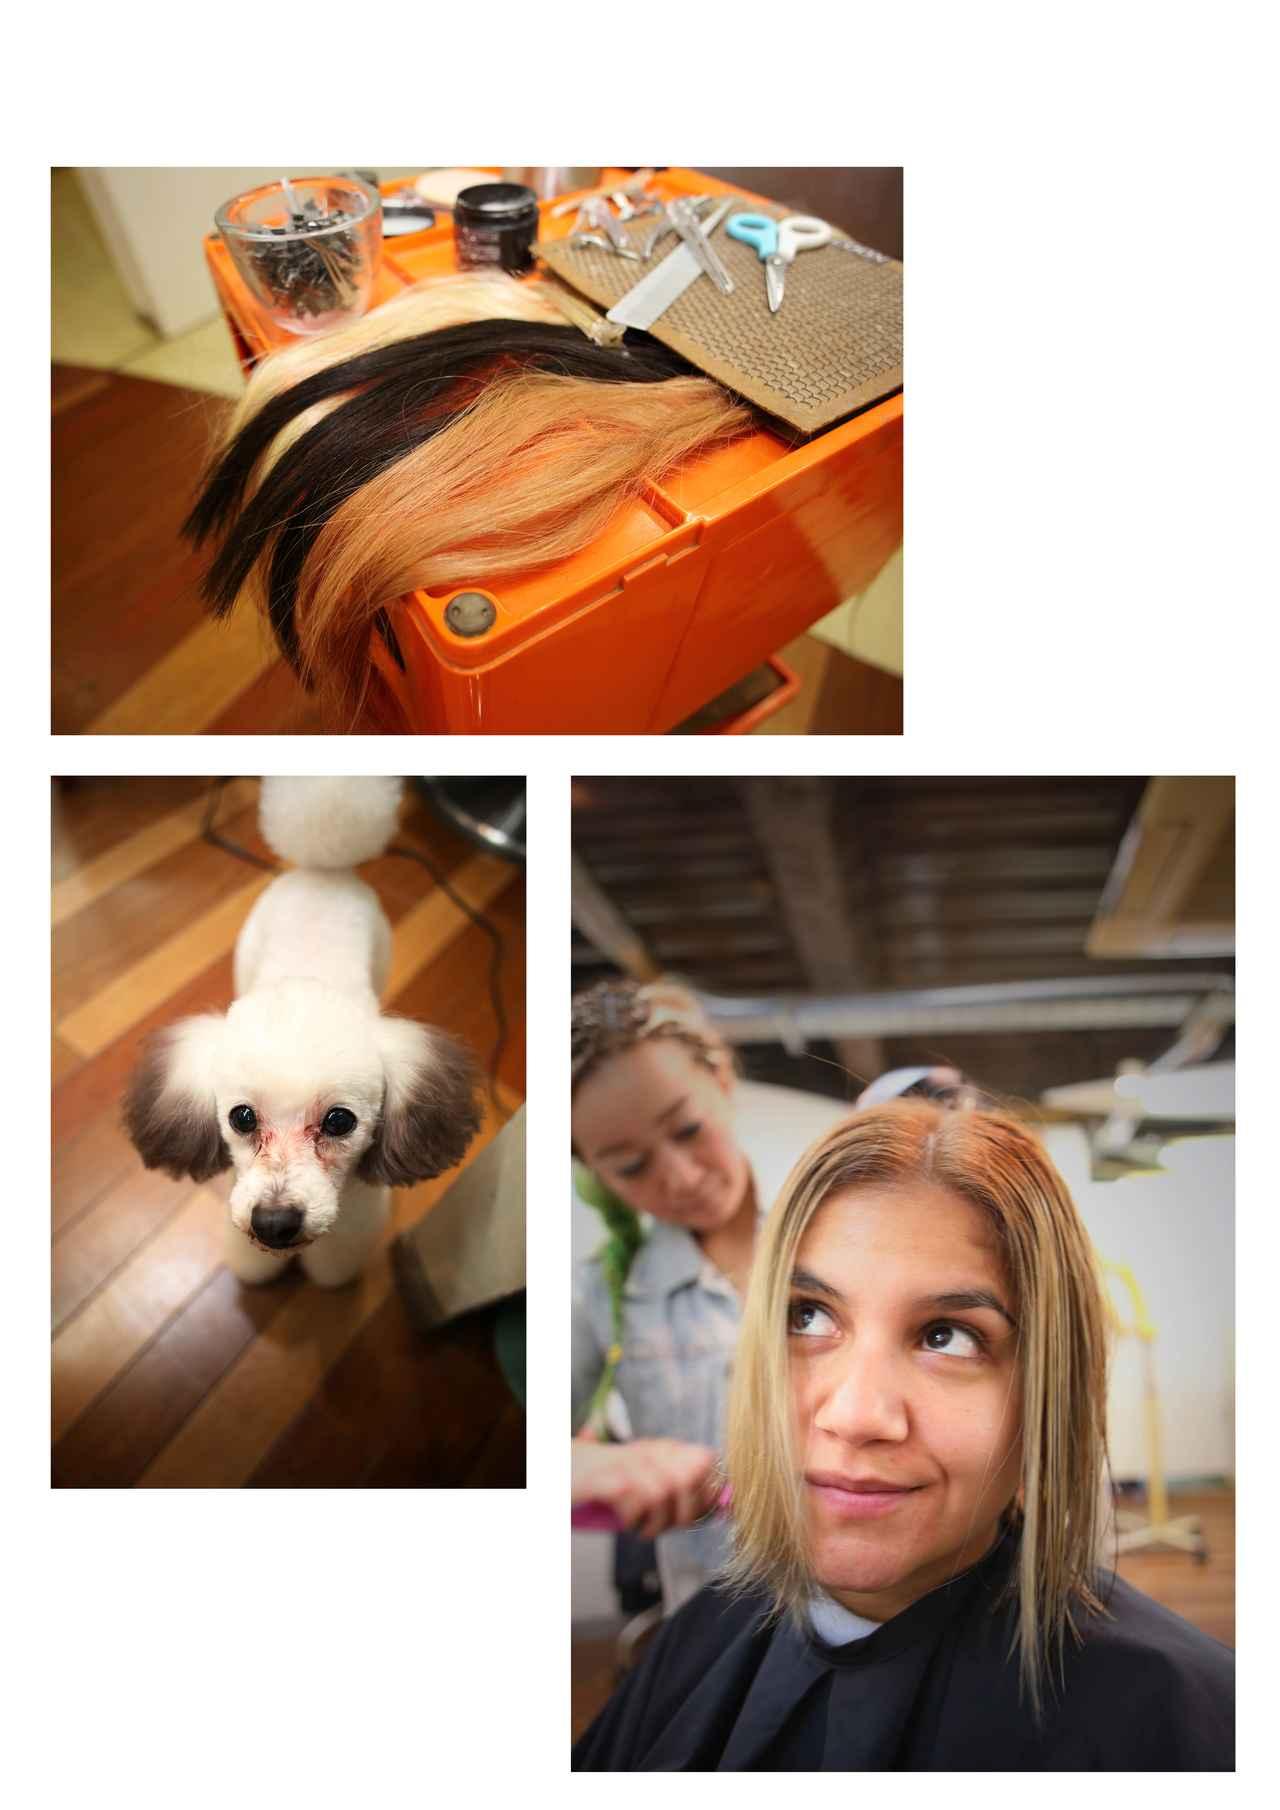 画像2: 博多美人のヒミツはレベルの高い美容師さんにアリ??